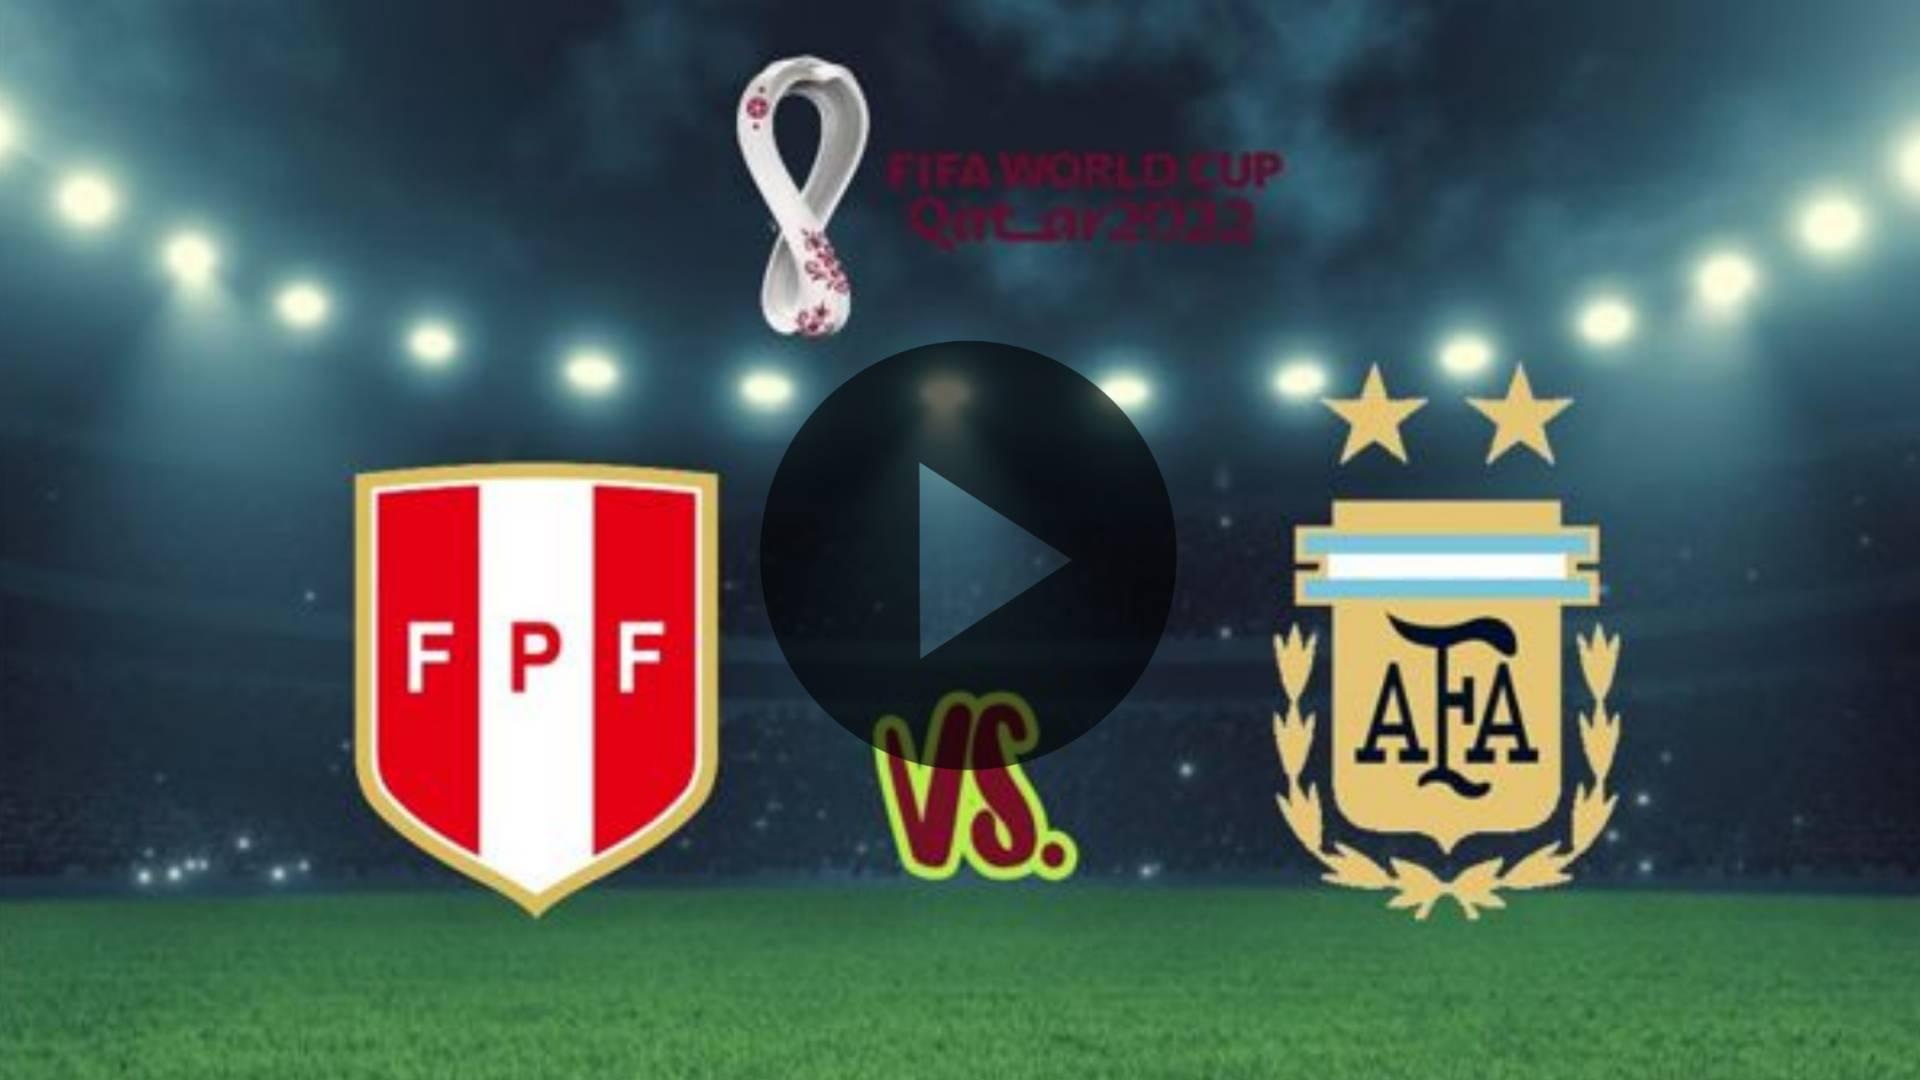 HOY AQUI EN VIVO Perú vs Argentina EN VIVO por Movistar: partido en el Nacional por las Eliminatorias a Qatar 2022